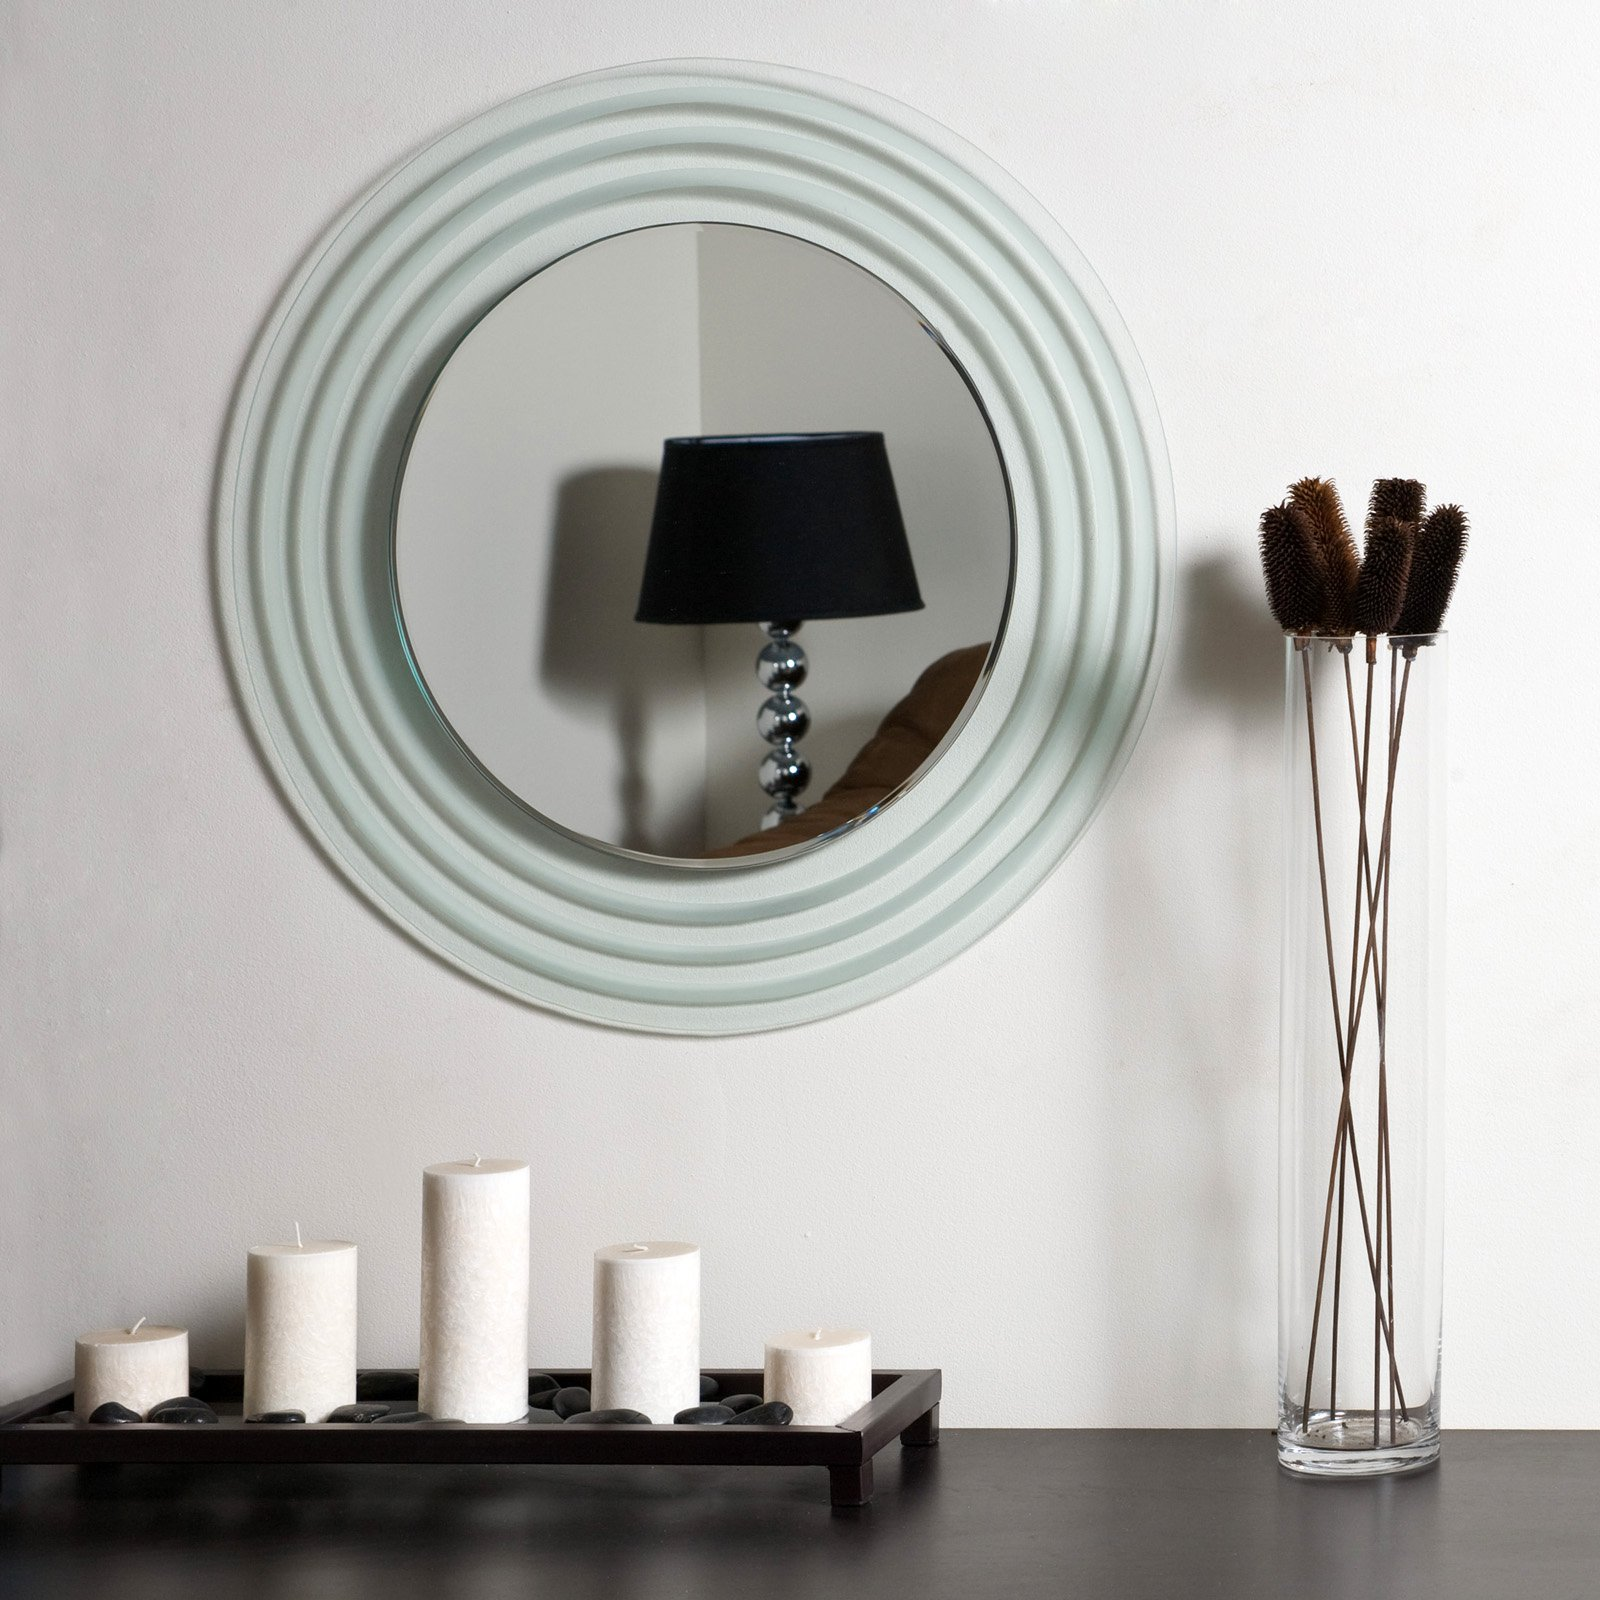 Isabella Round Frameless Bathroom Mirror by Decor Wonderland of US